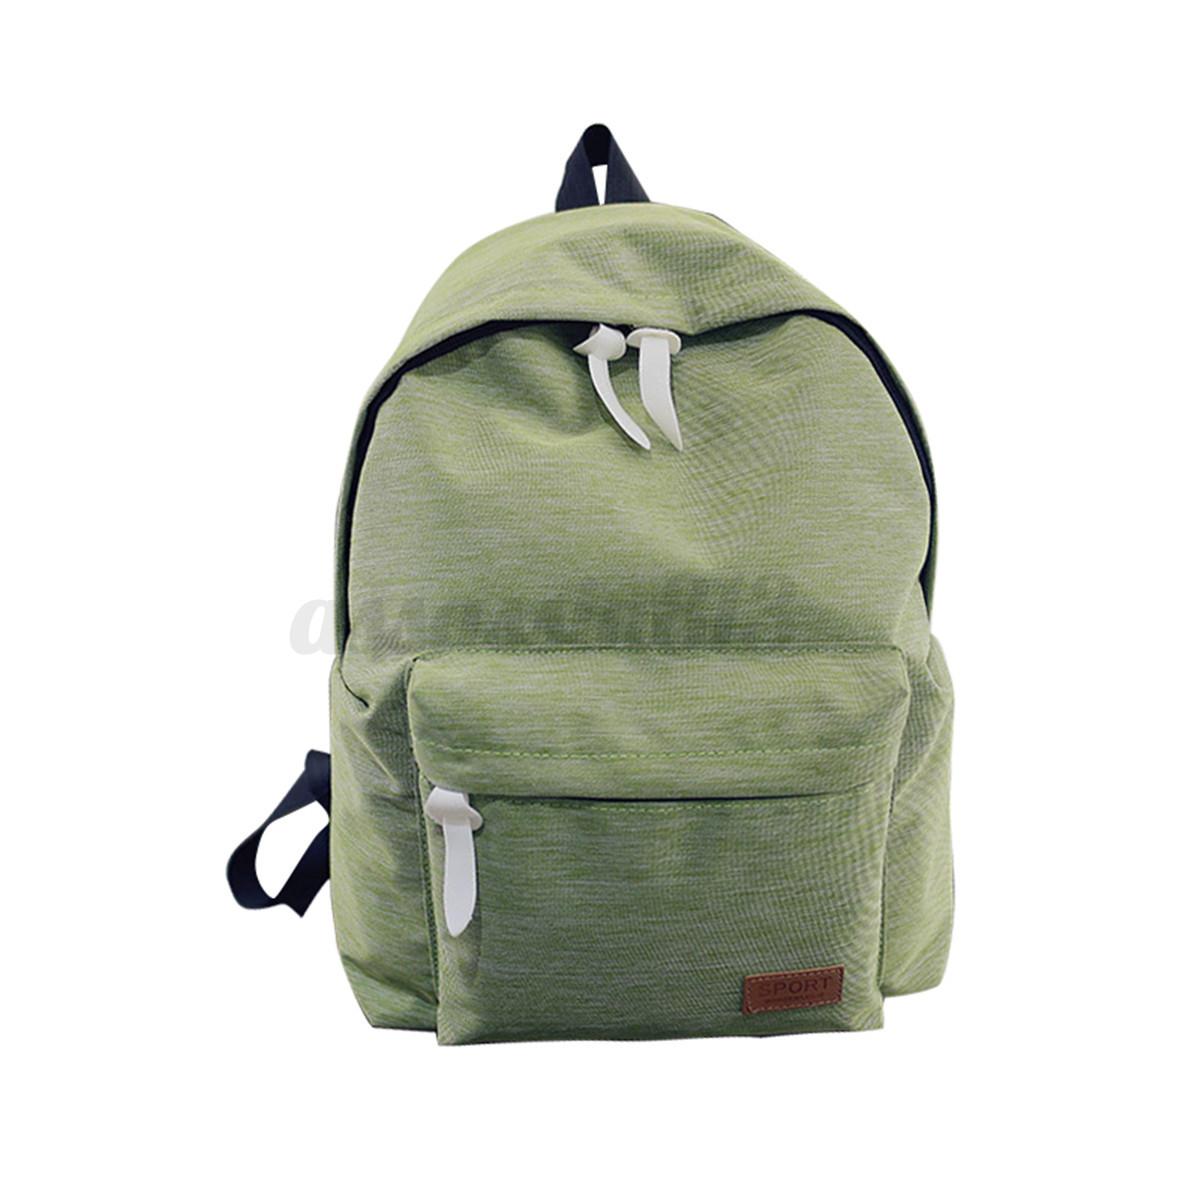 Awesome Women Canvas Travel Shoulder Bag Hiking Backpack School Book Bag Rucksack | EBay